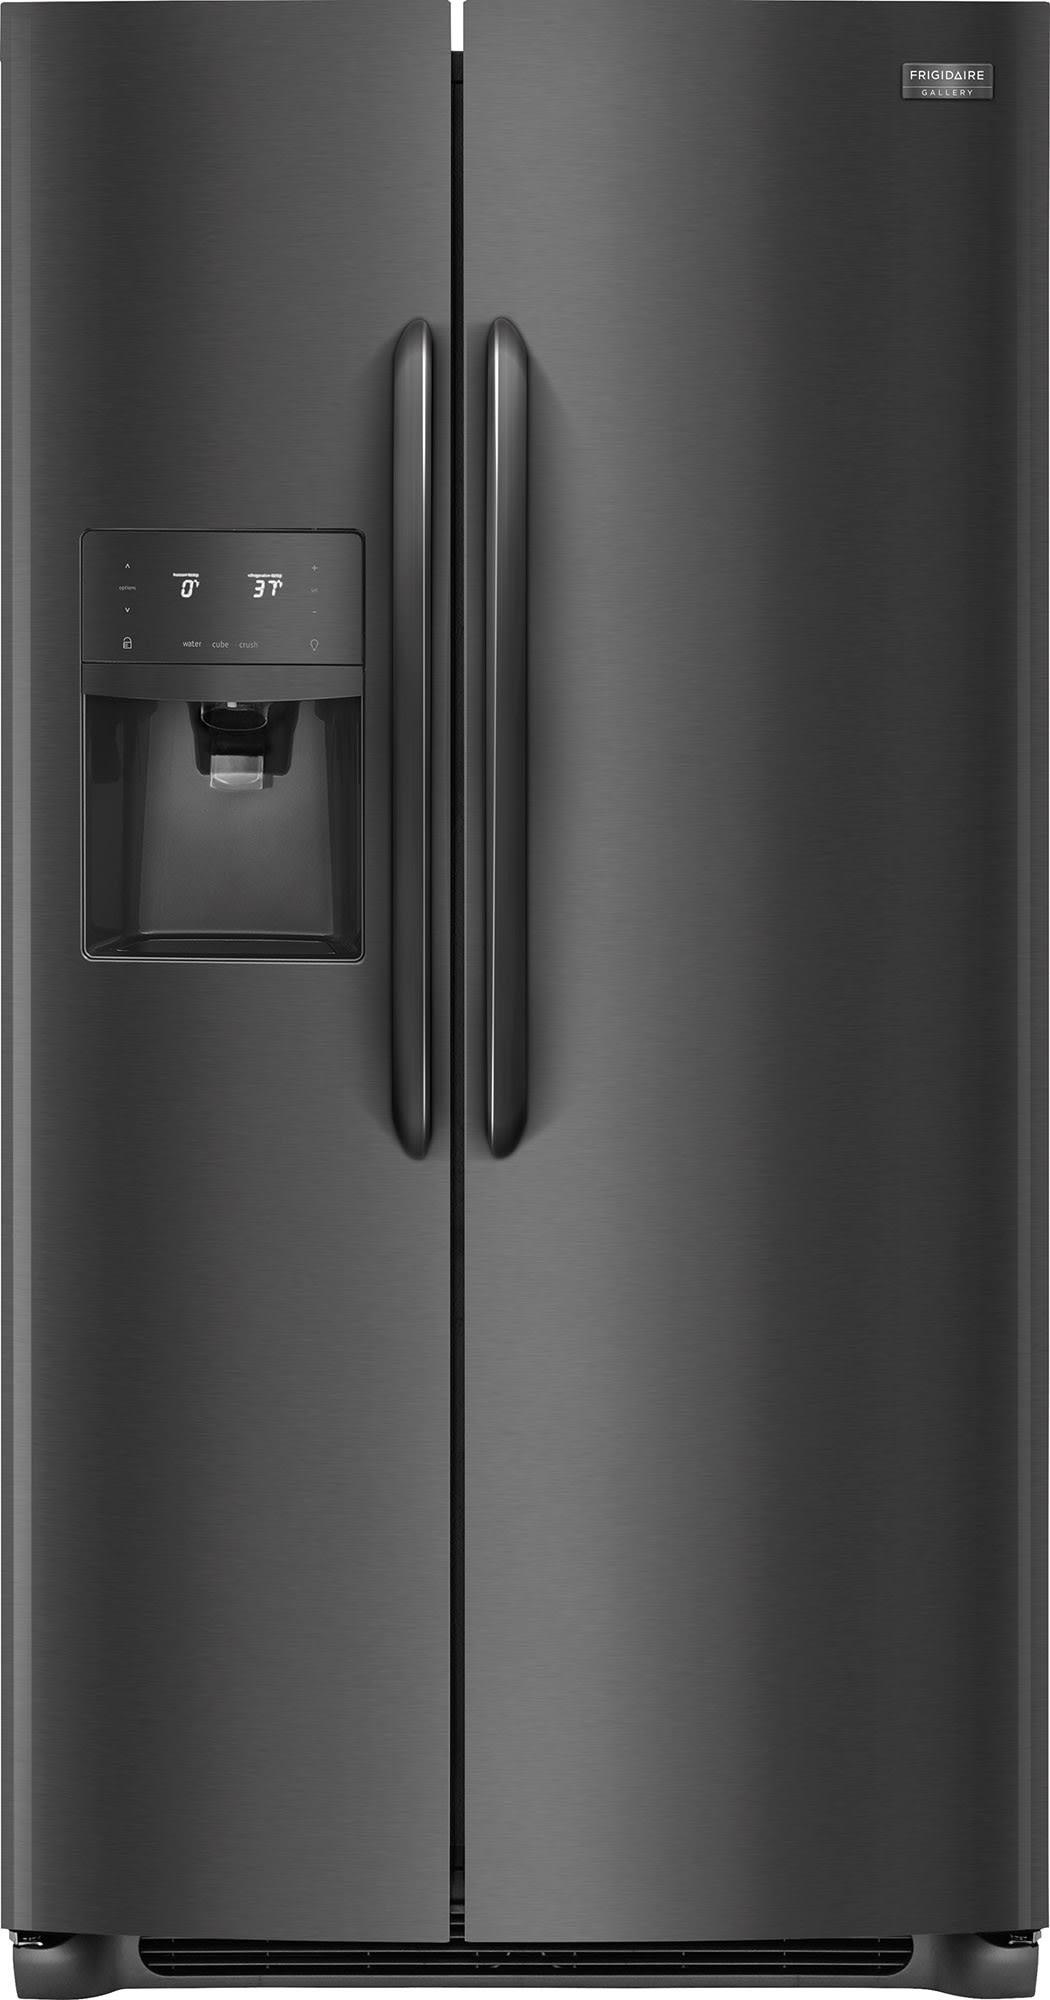 Frigidaire Fgss2635td 36 Inch Side By Side Refrigerator